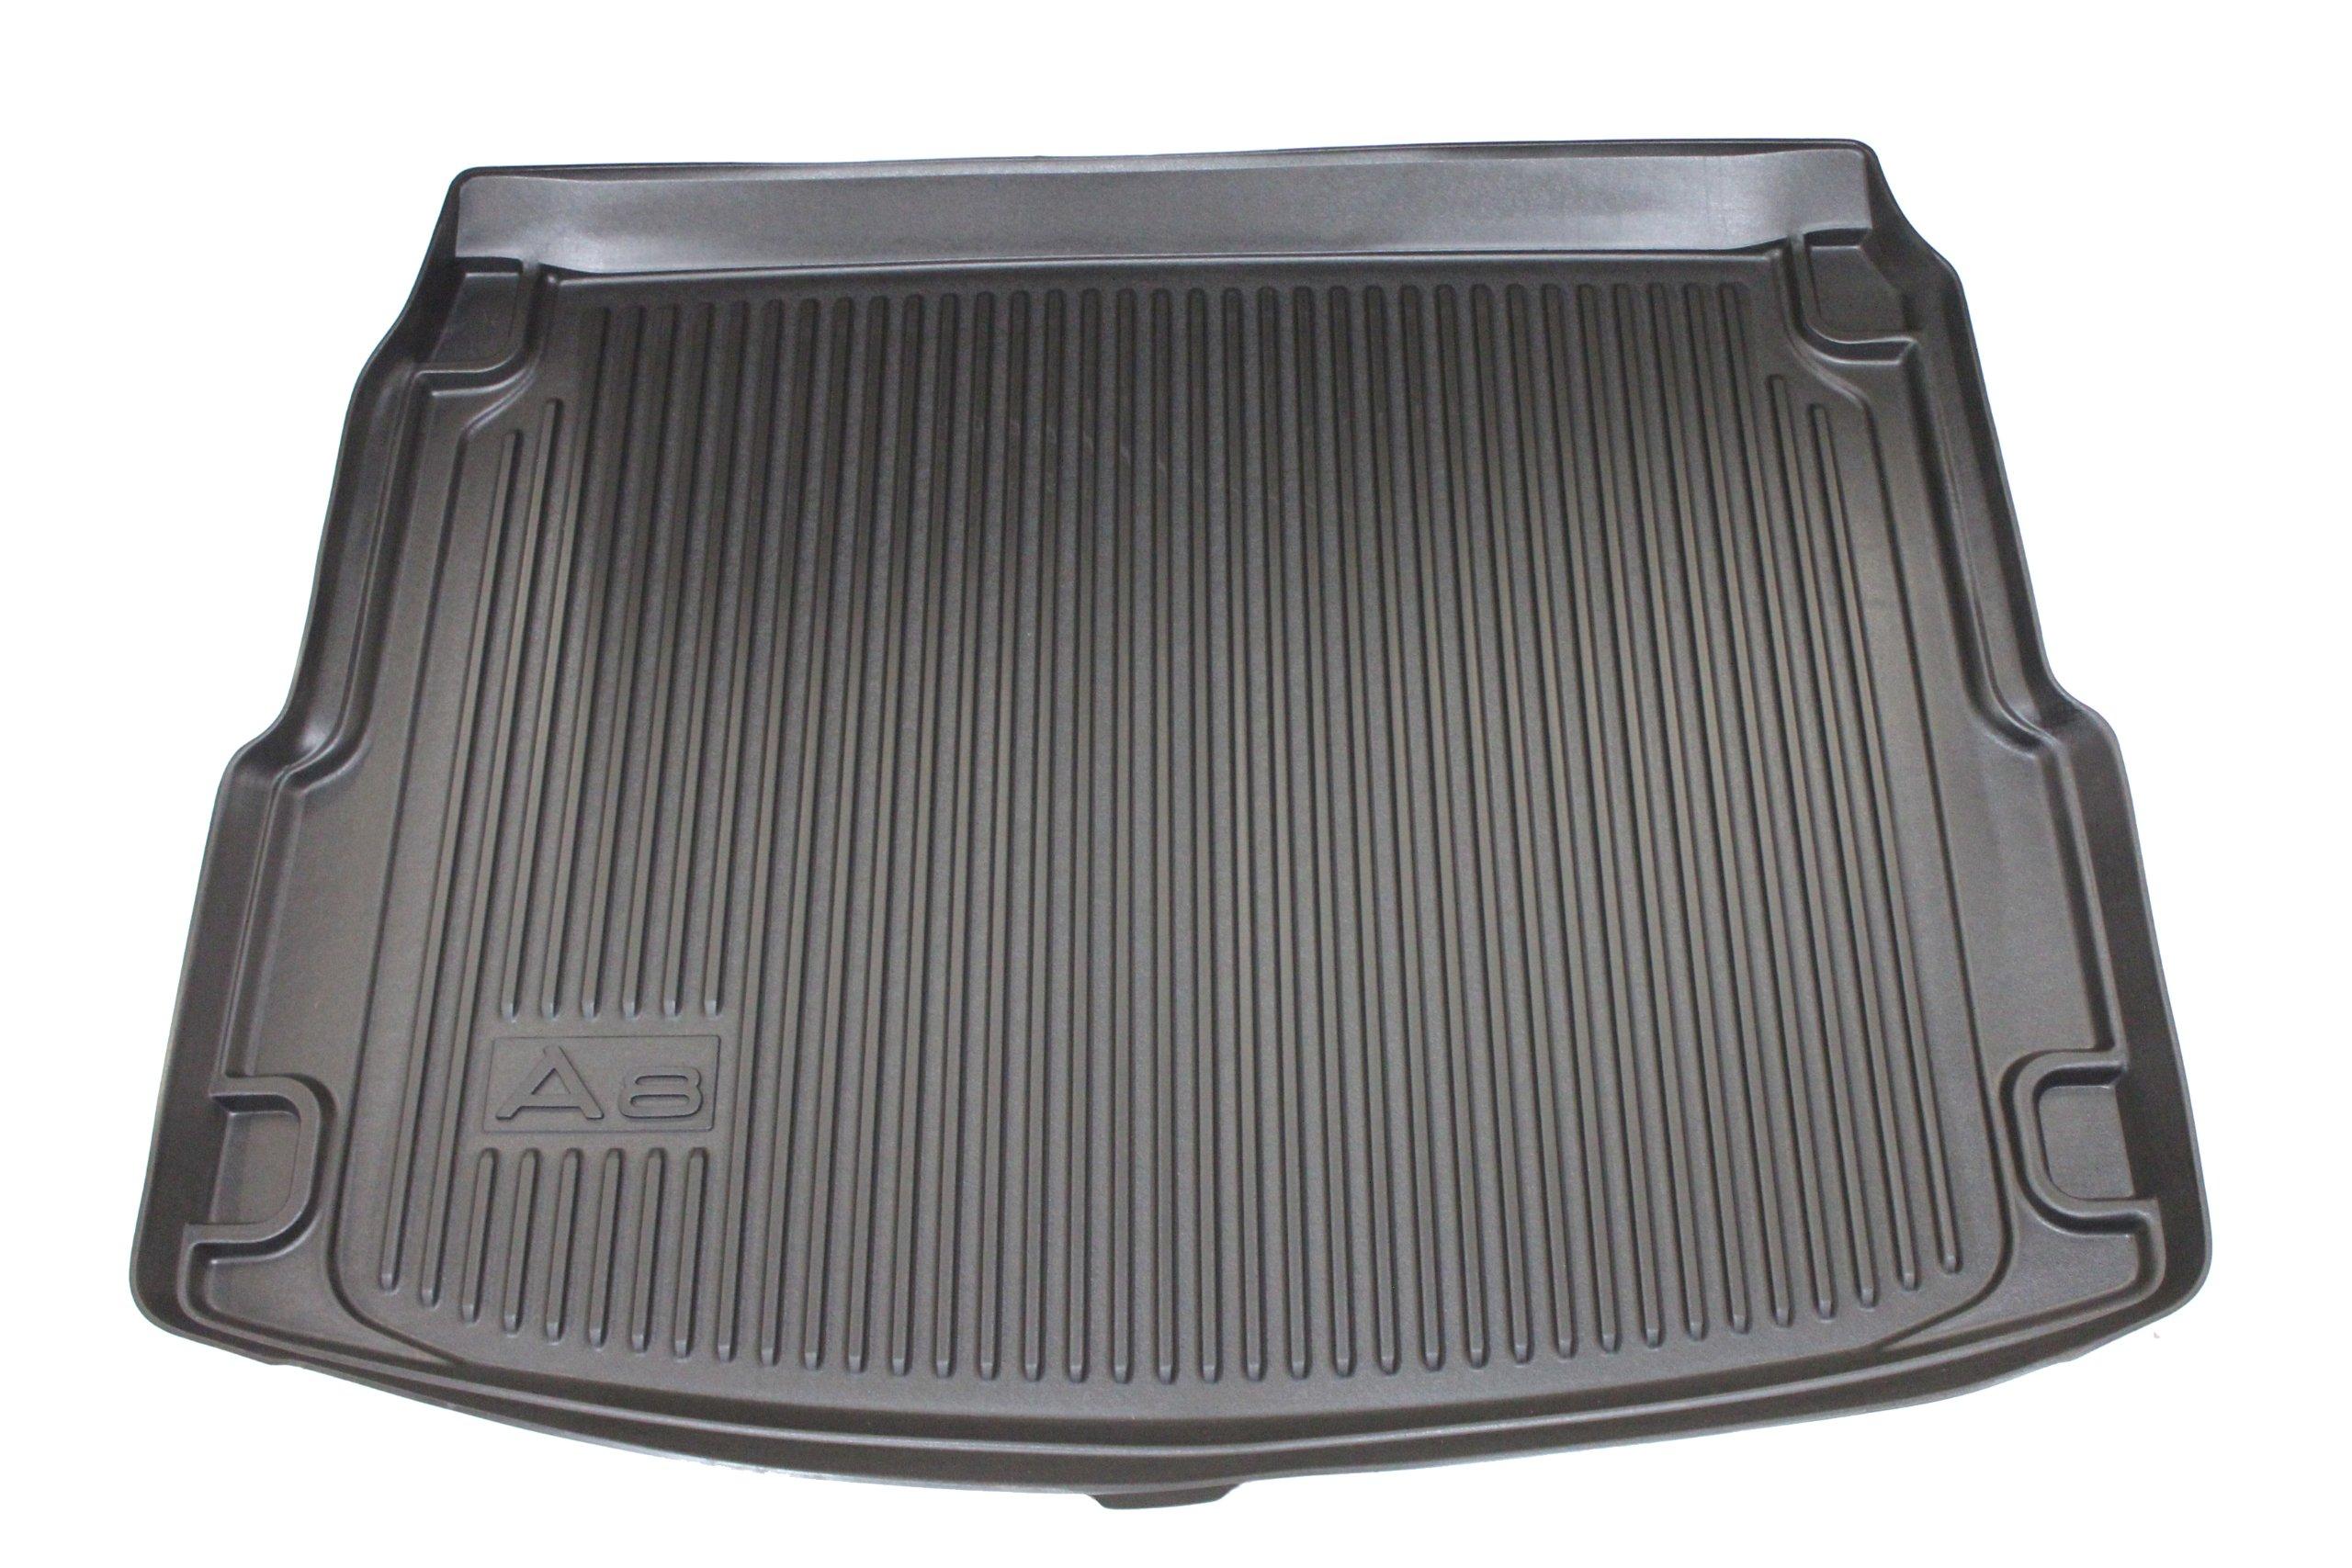 Genuine Audi Accessories 4H0061180 Trunk Liner/Beach Mat for Audi A8